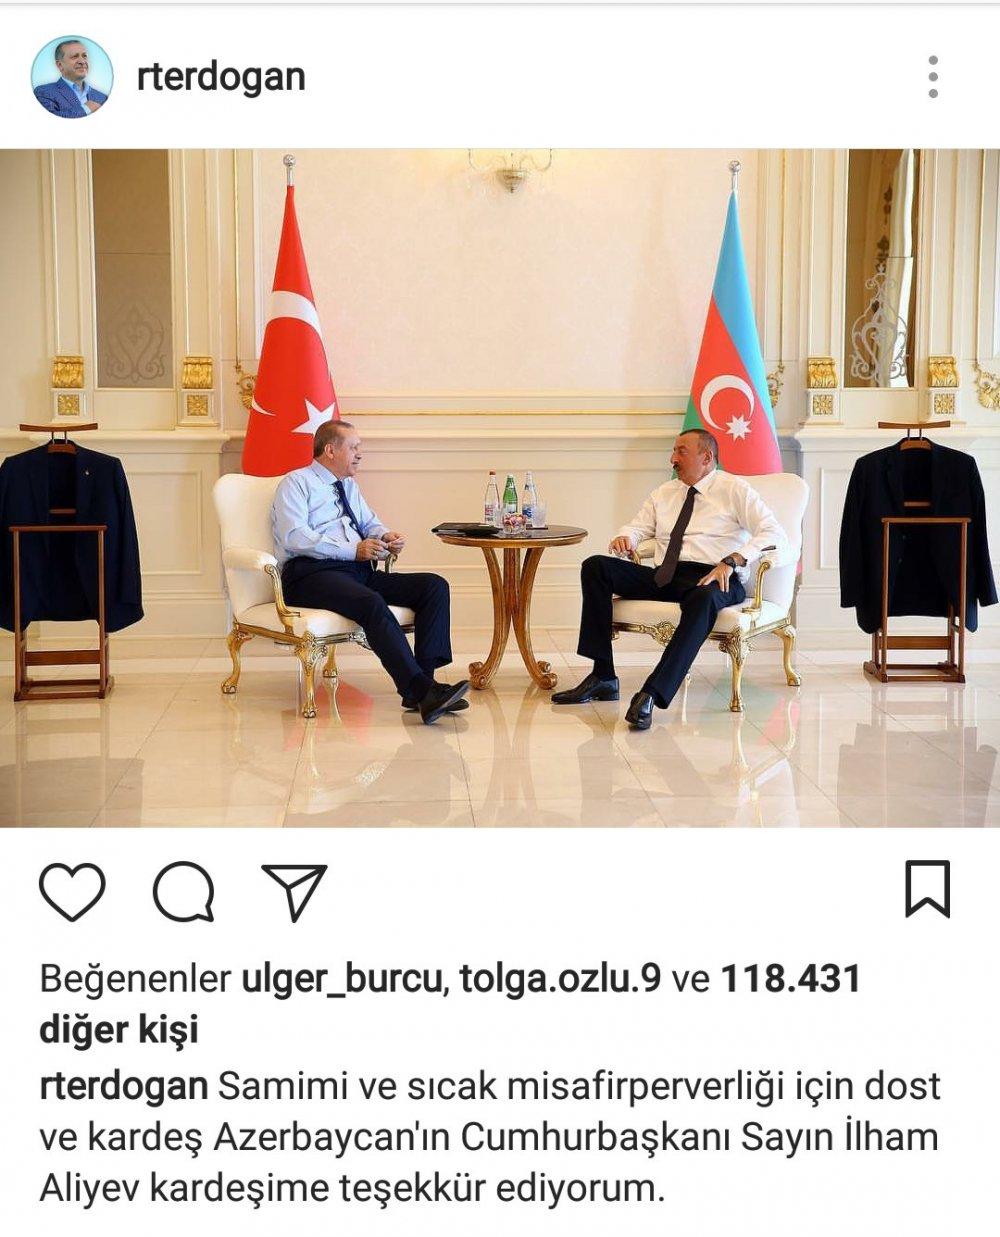 Erdoğan'dan Aliyev'e teşekkür